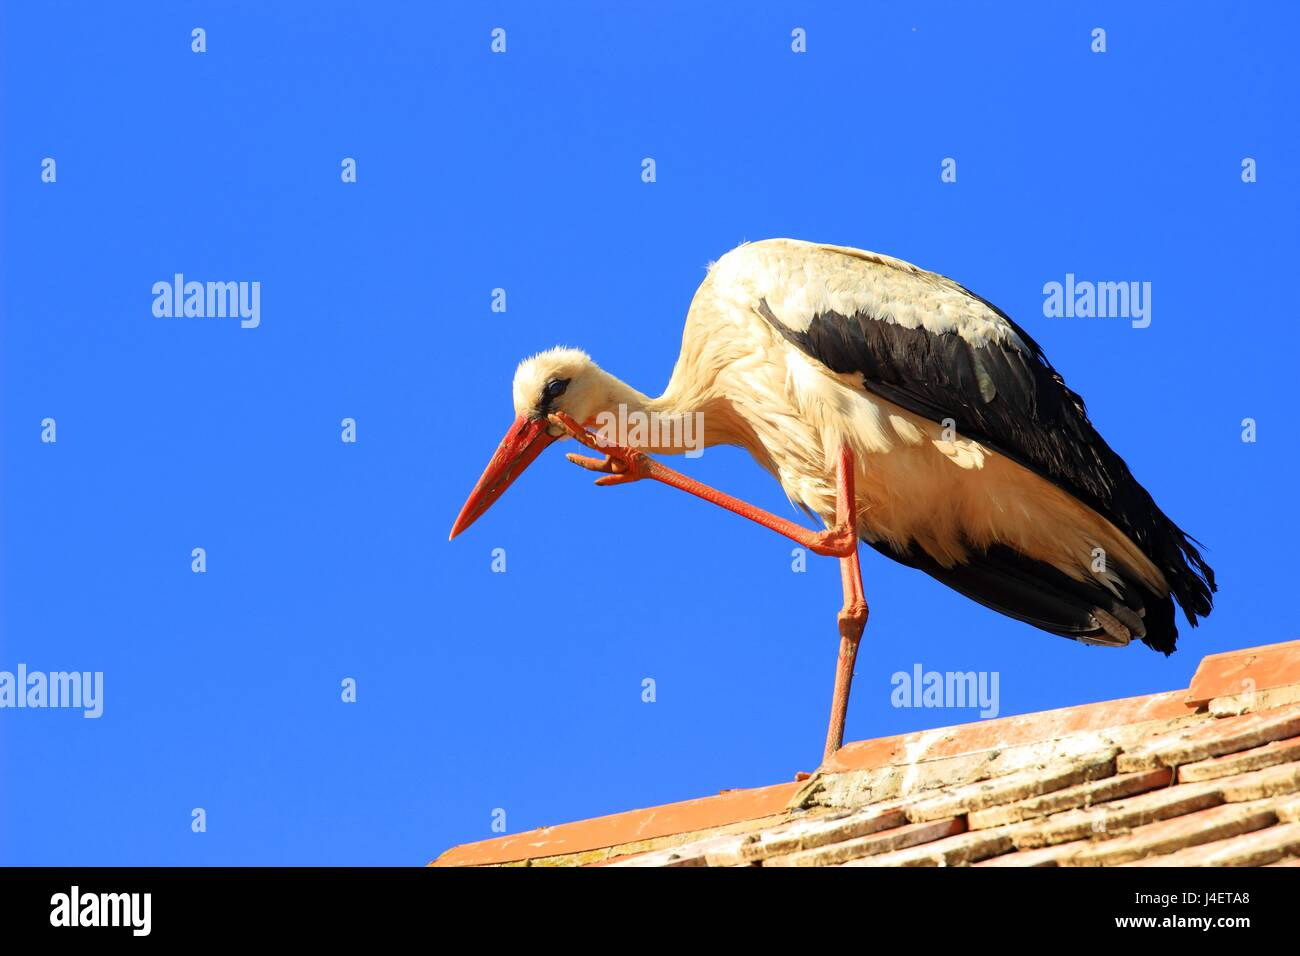 Weißstorch Kratzen auf Hausdach Stockbild